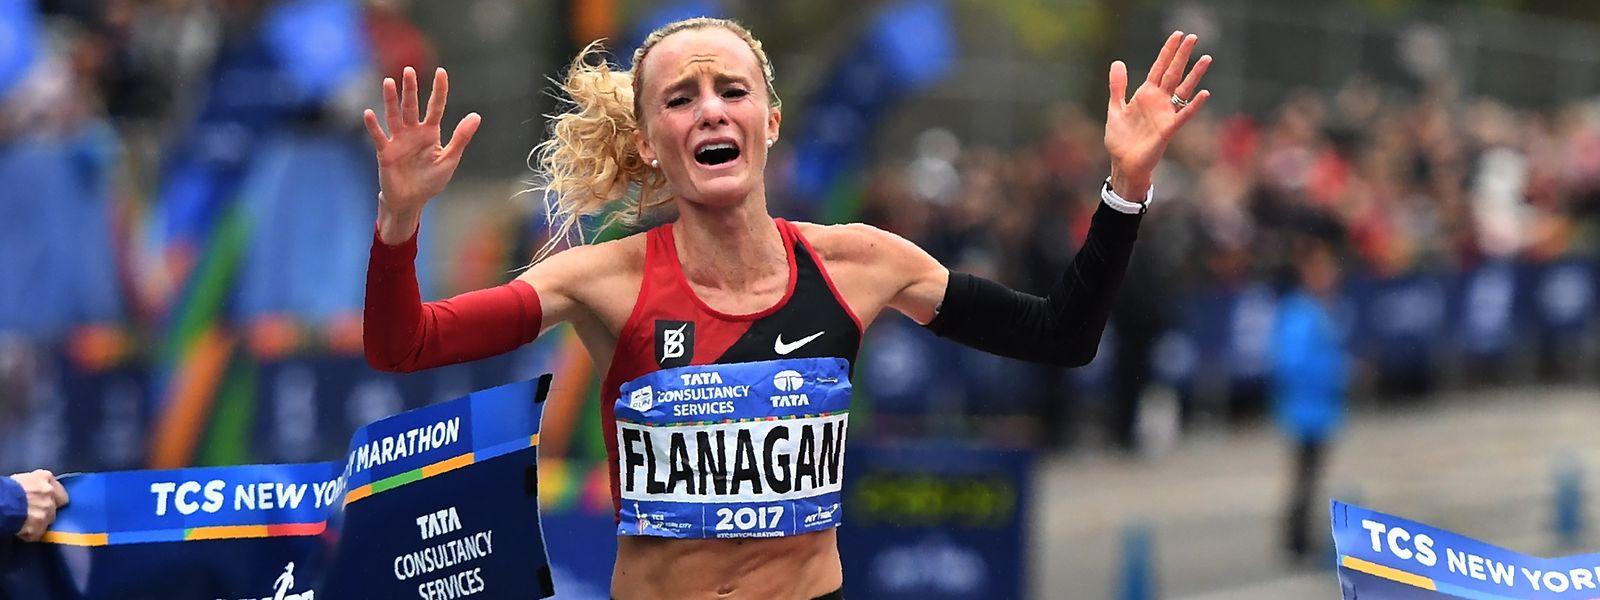 Die Emotionen waren Shalane Flanagan beim Überqueren der Ziellinie anzusehen.